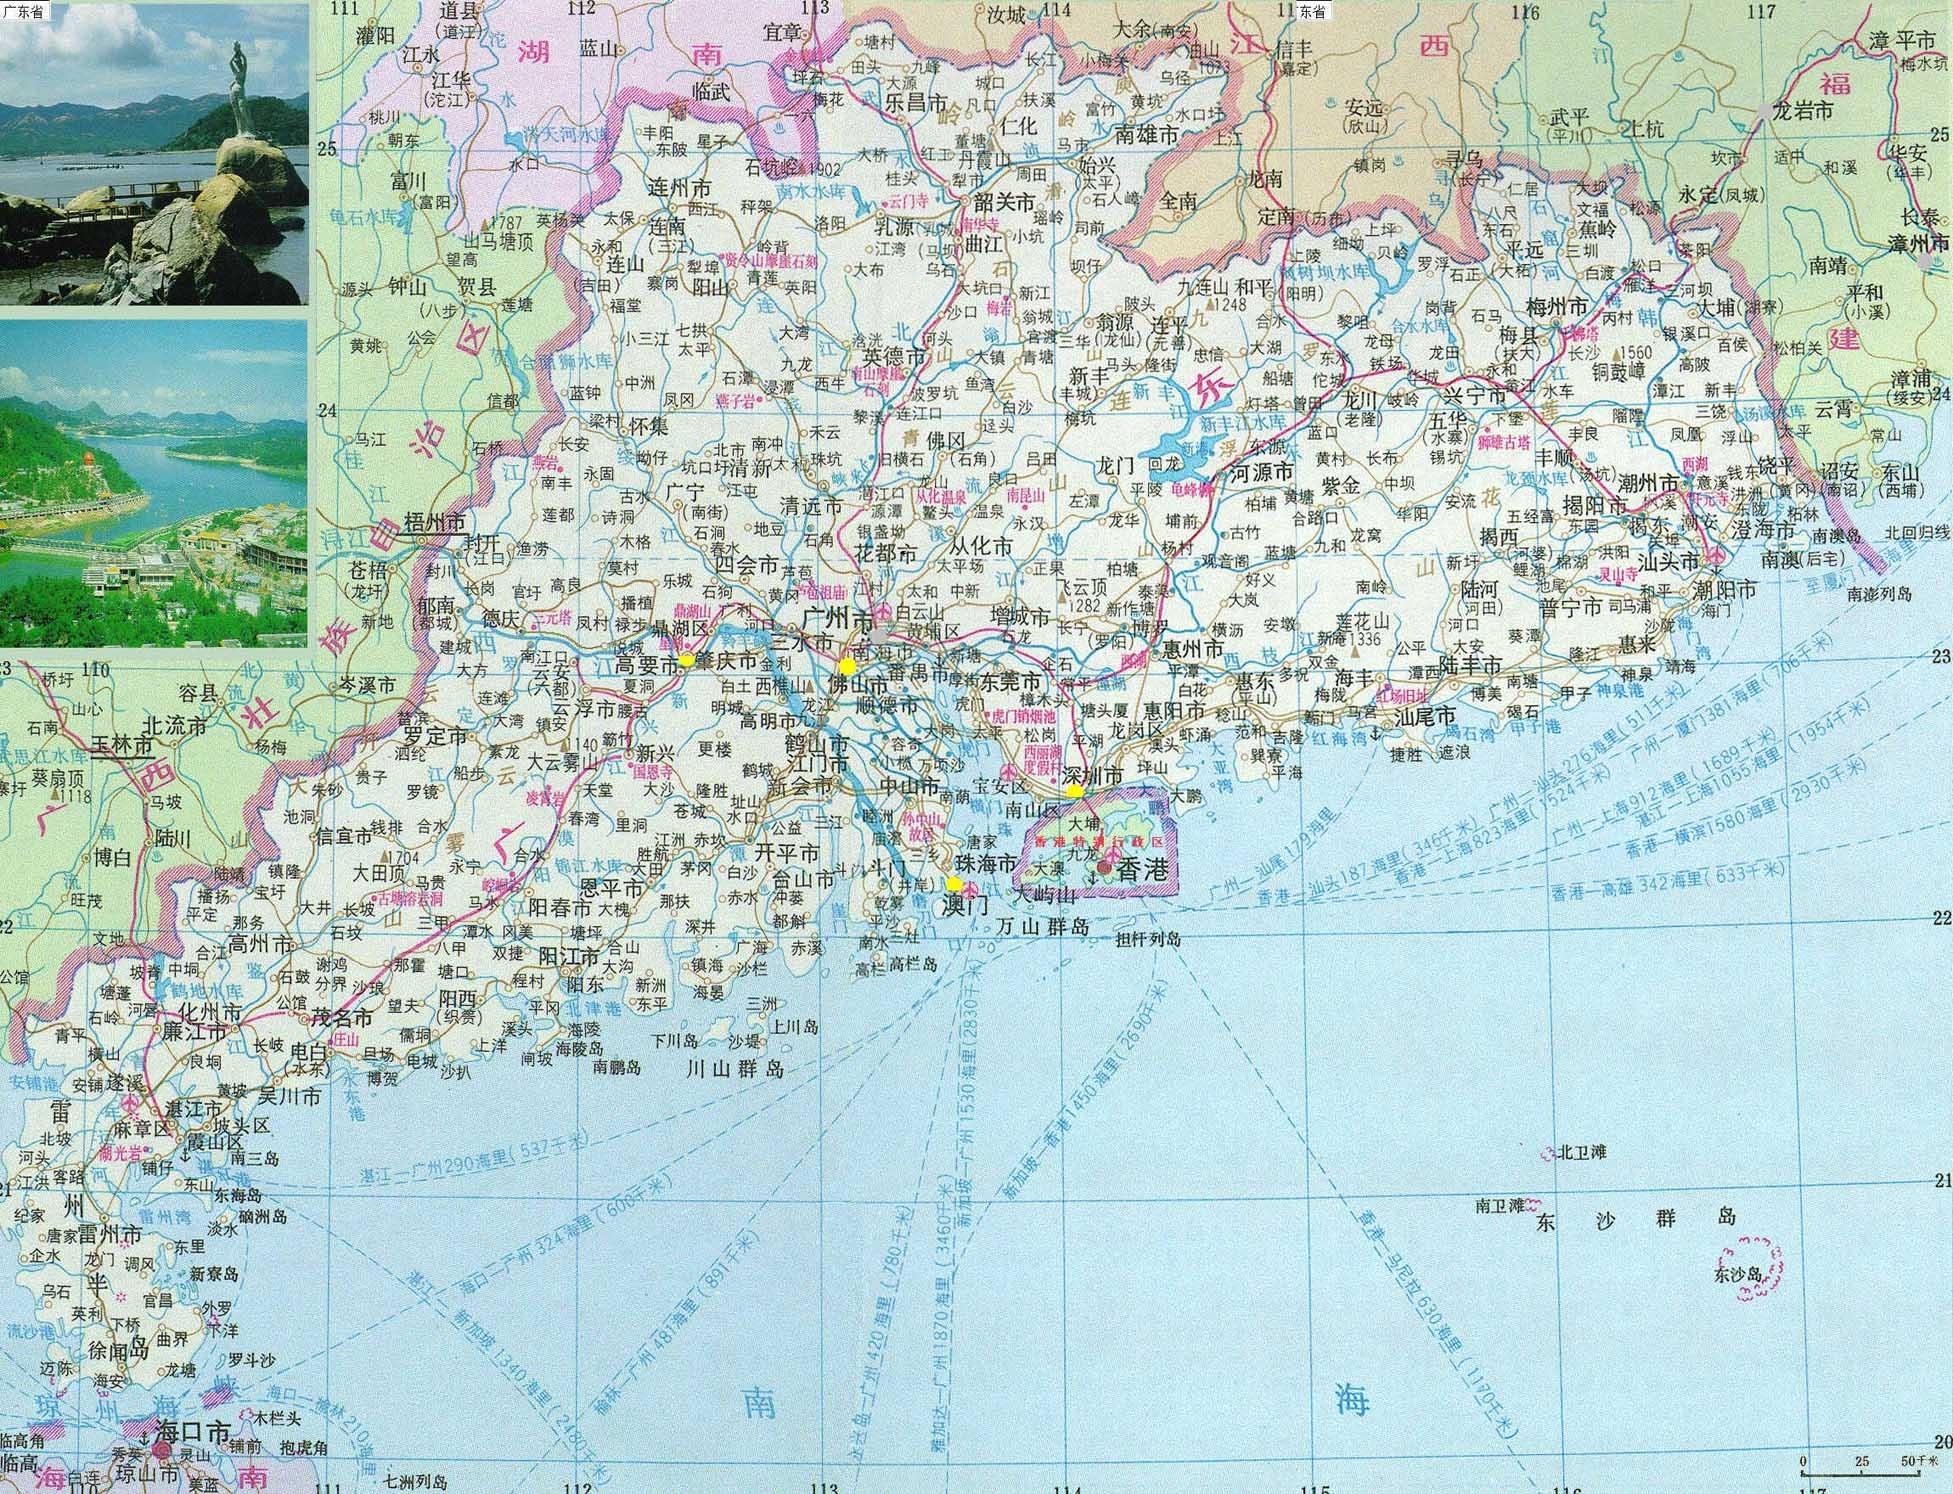 中国地图全图可放大_中国各省高清地图 (可放大缩小多倍)